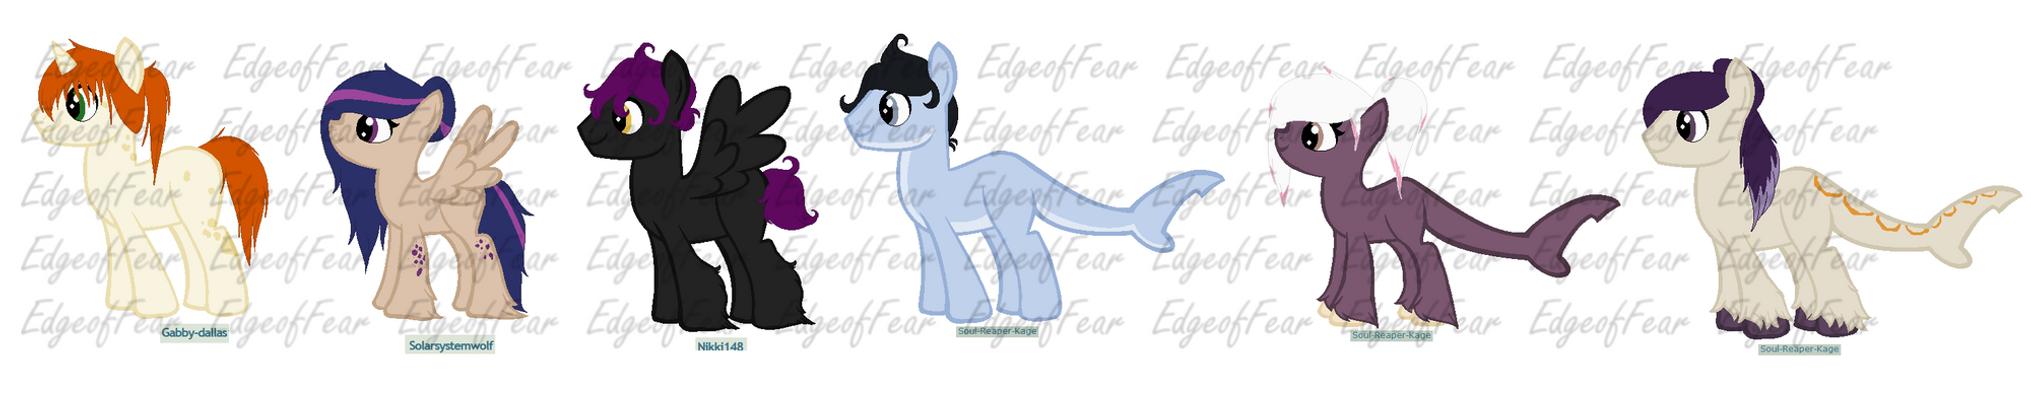 Customs by EdgeofFear